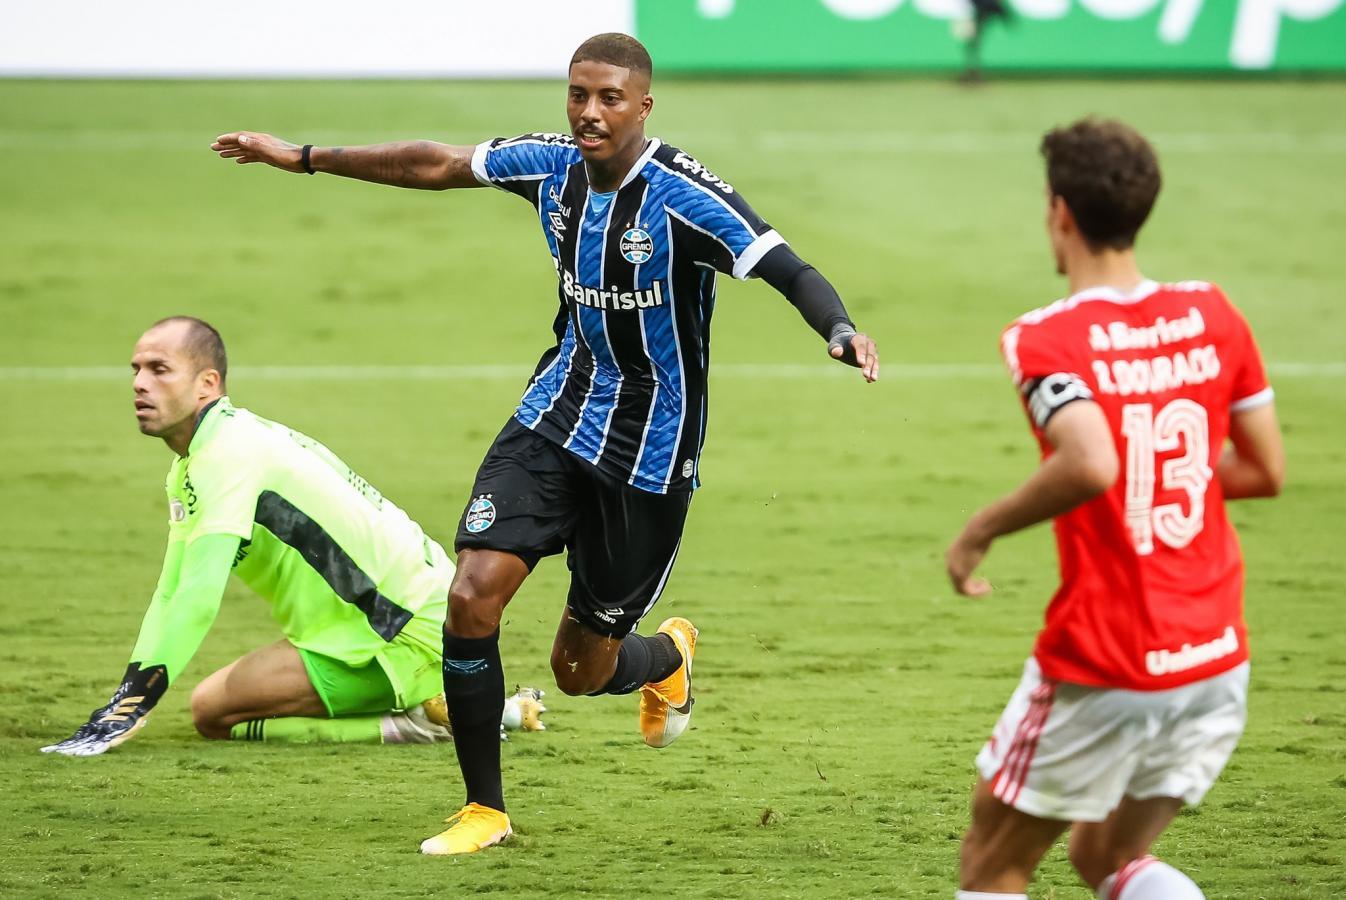 Jean Pyerre abrió el marcador pero el equipo de Renato no pudo sostener la ventaja. Foto: Pedro Tesch/AGIF